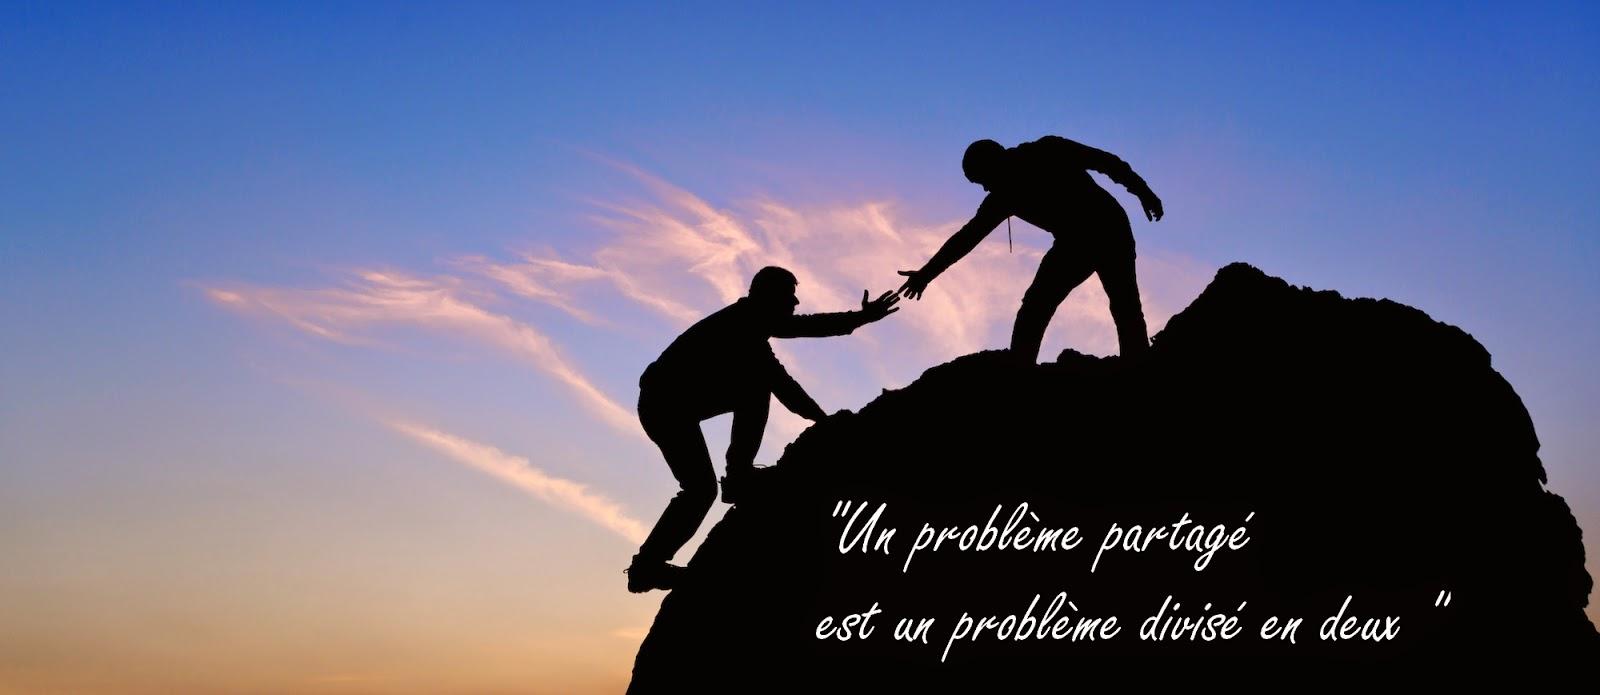 proverbe d'amitié